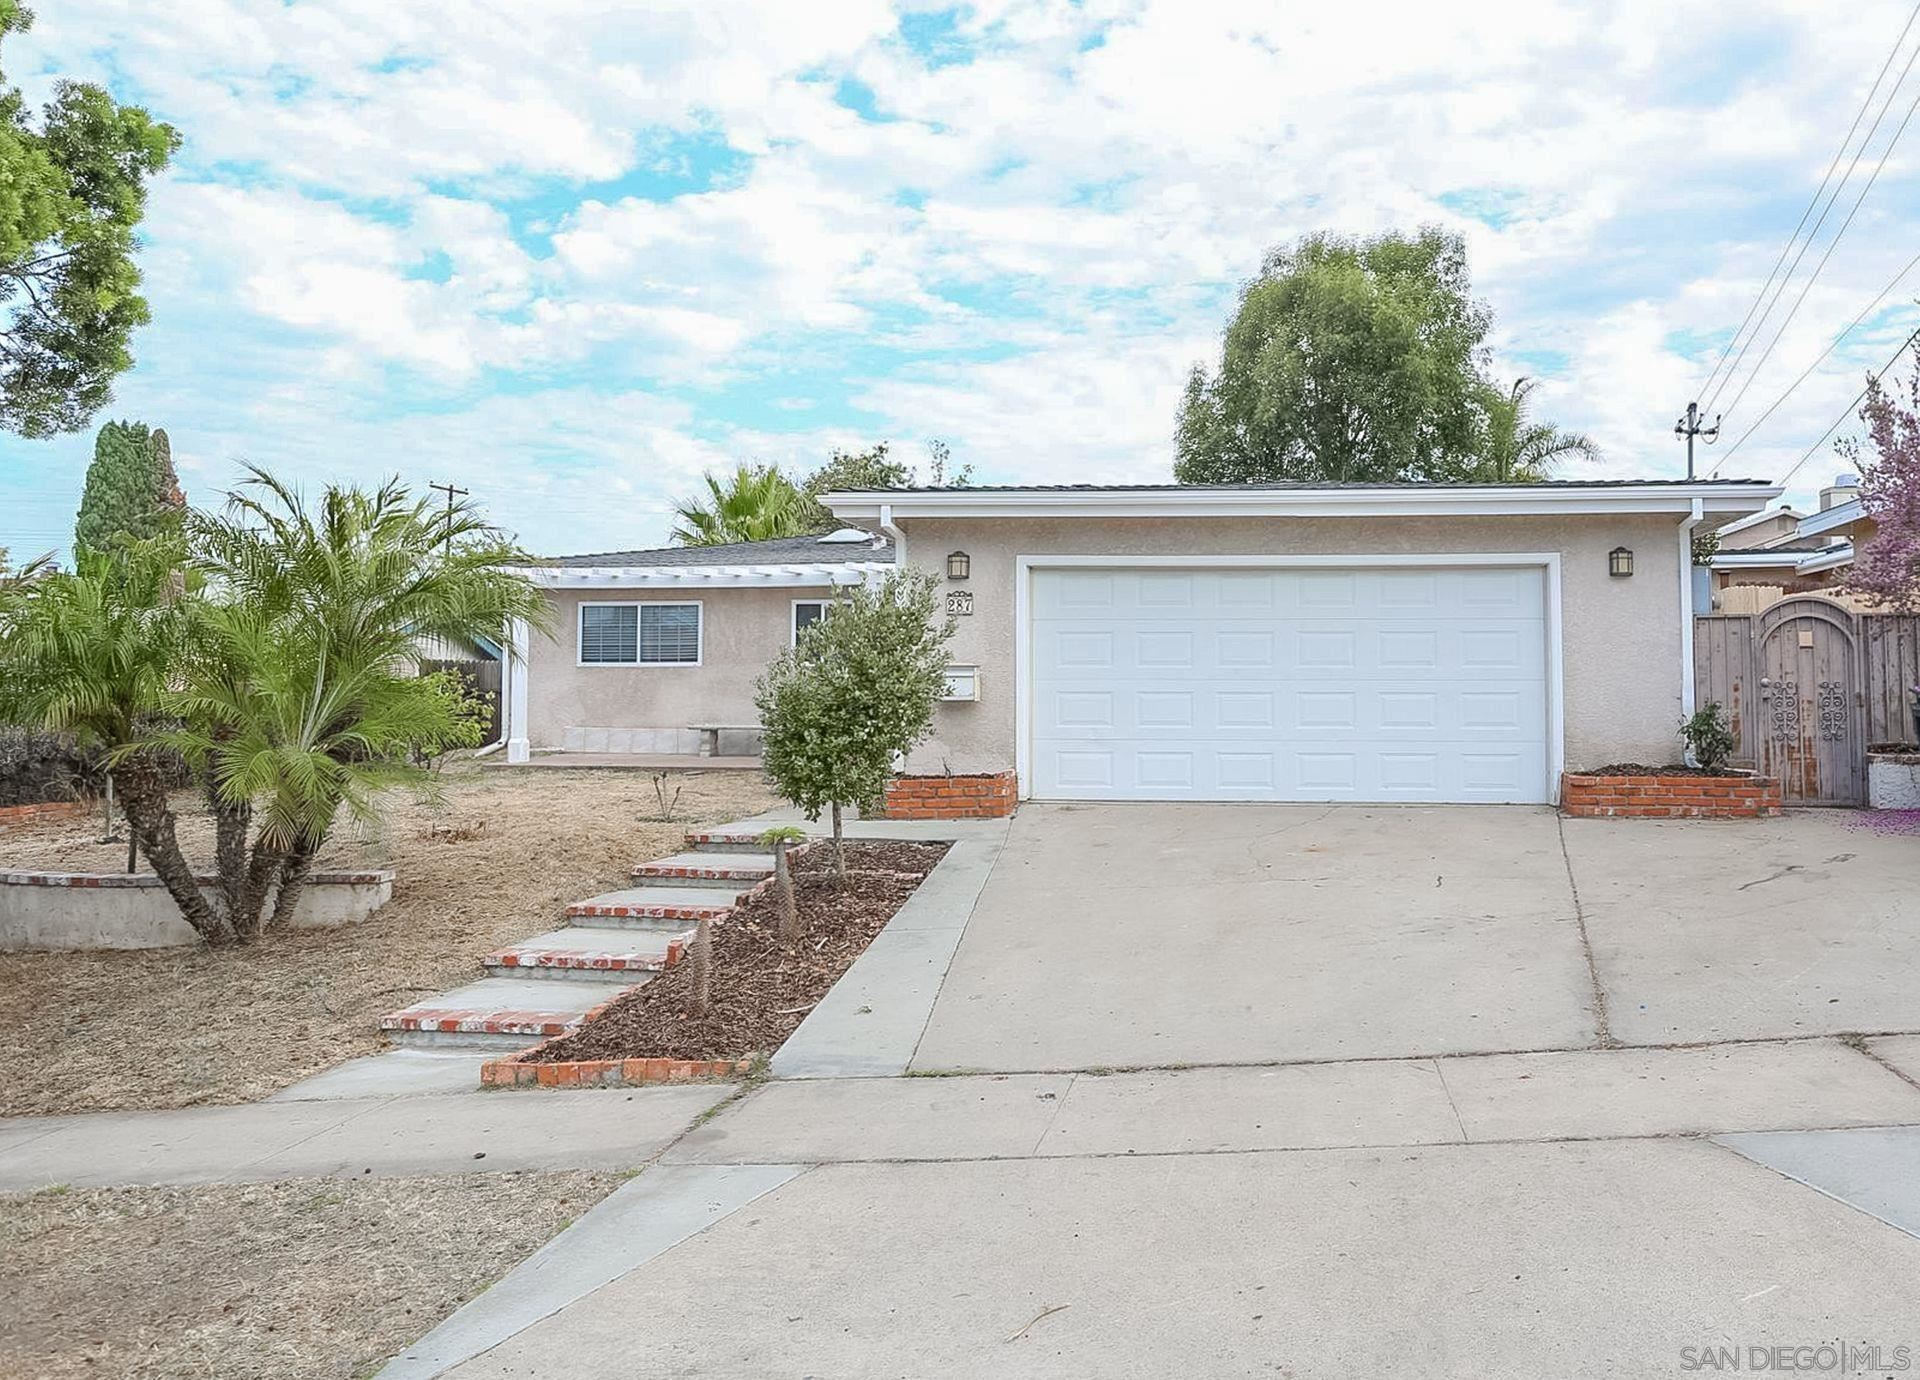 287 Inkopah St, Chula Vista, CA 91911 - MLS#: 210019488